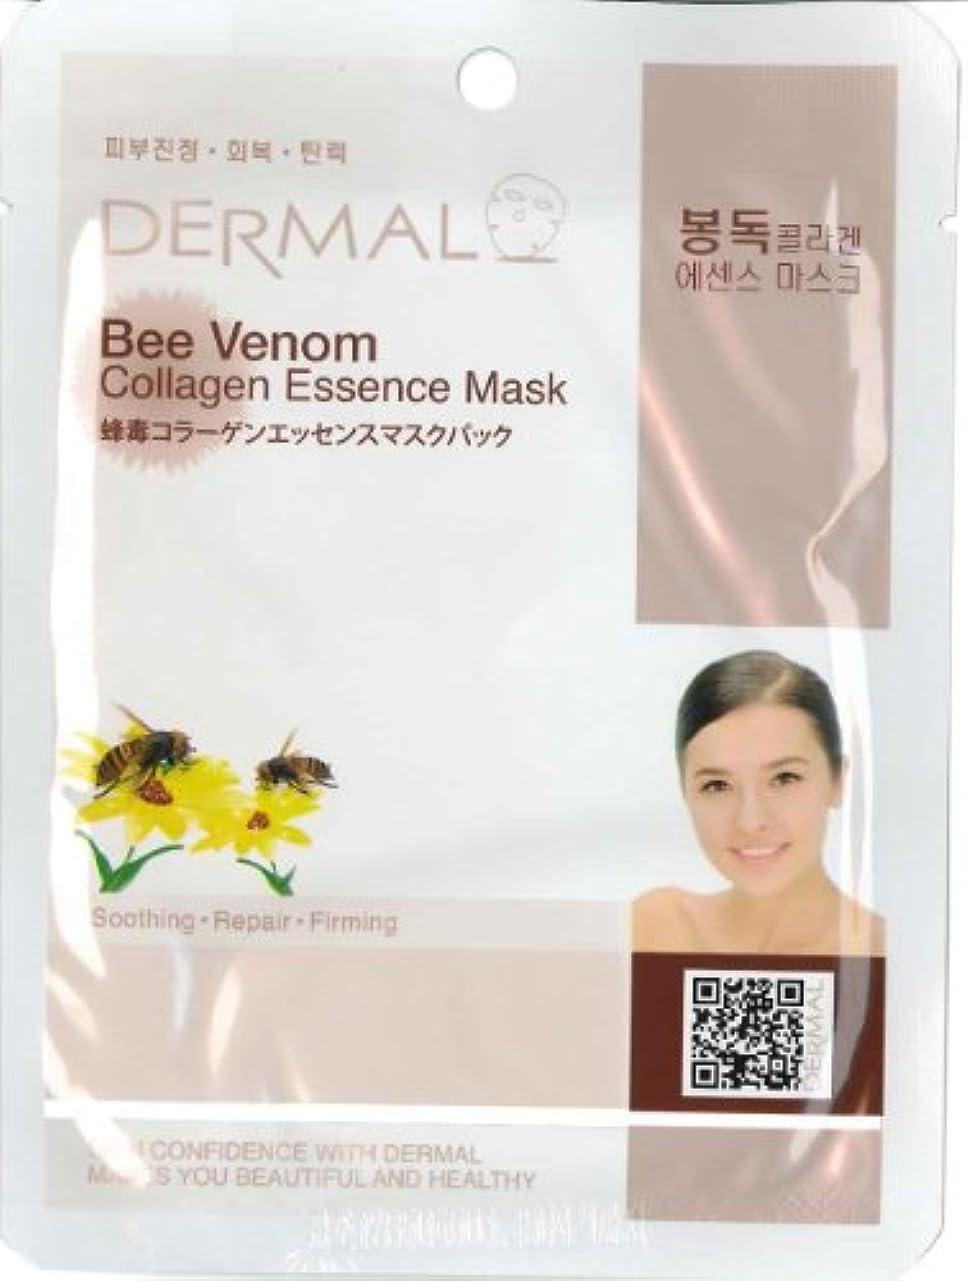 祝う韓国語ブロンズ蜂毒パック(フェイスパック)ミツバチ毒シートマスク 100枚セット ダーマル(Dermal)